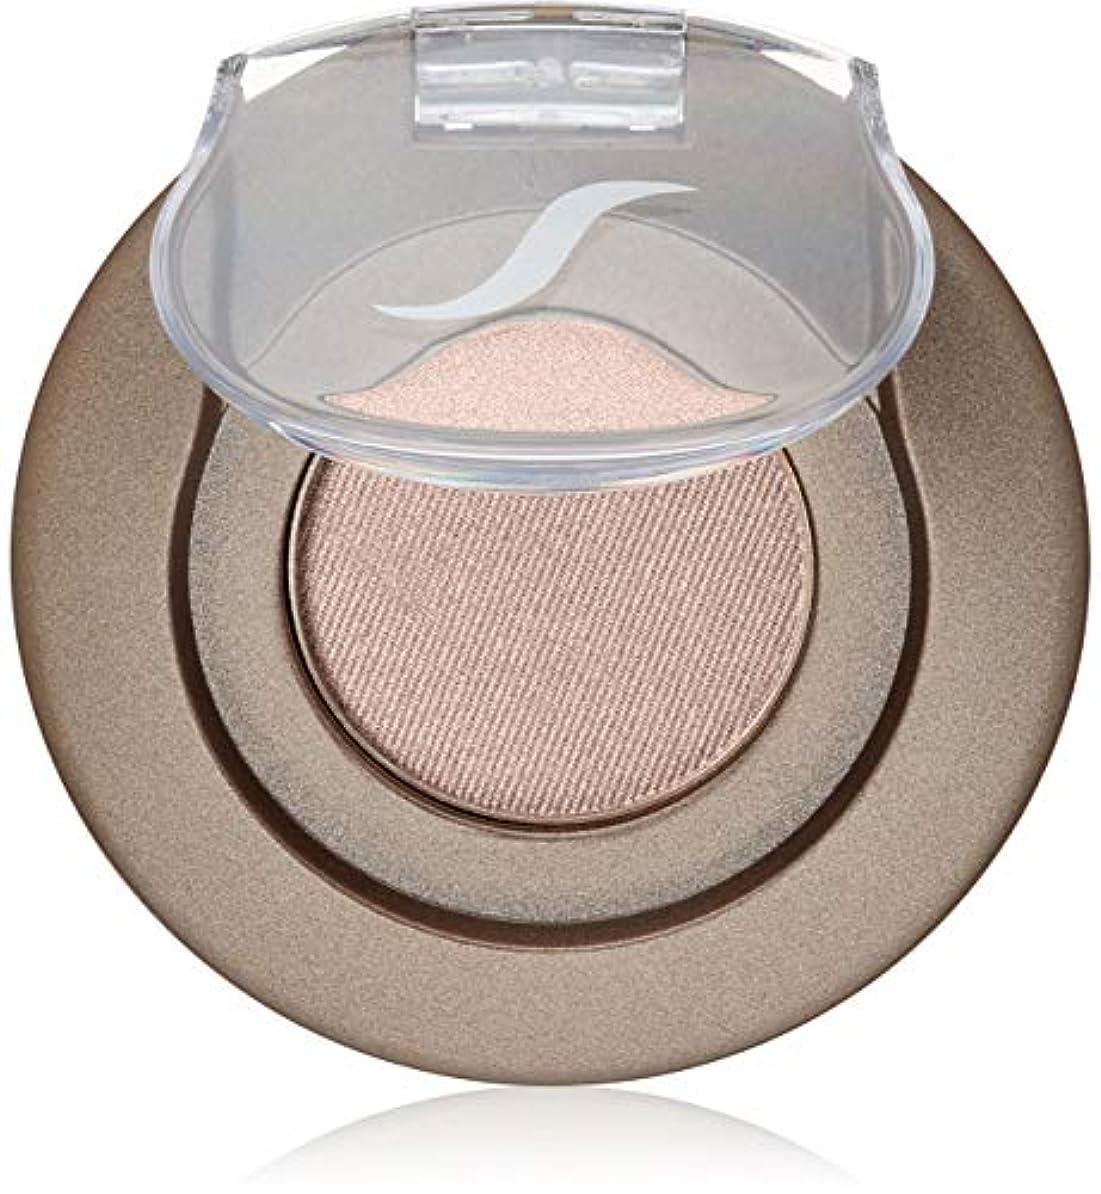 穿孔する手順暖かくSorme' Treatment Cosmetics Sorme化粧品ミネラルボタニカルアイシャドー、0.05オンス 0.05オンス フラッシュ